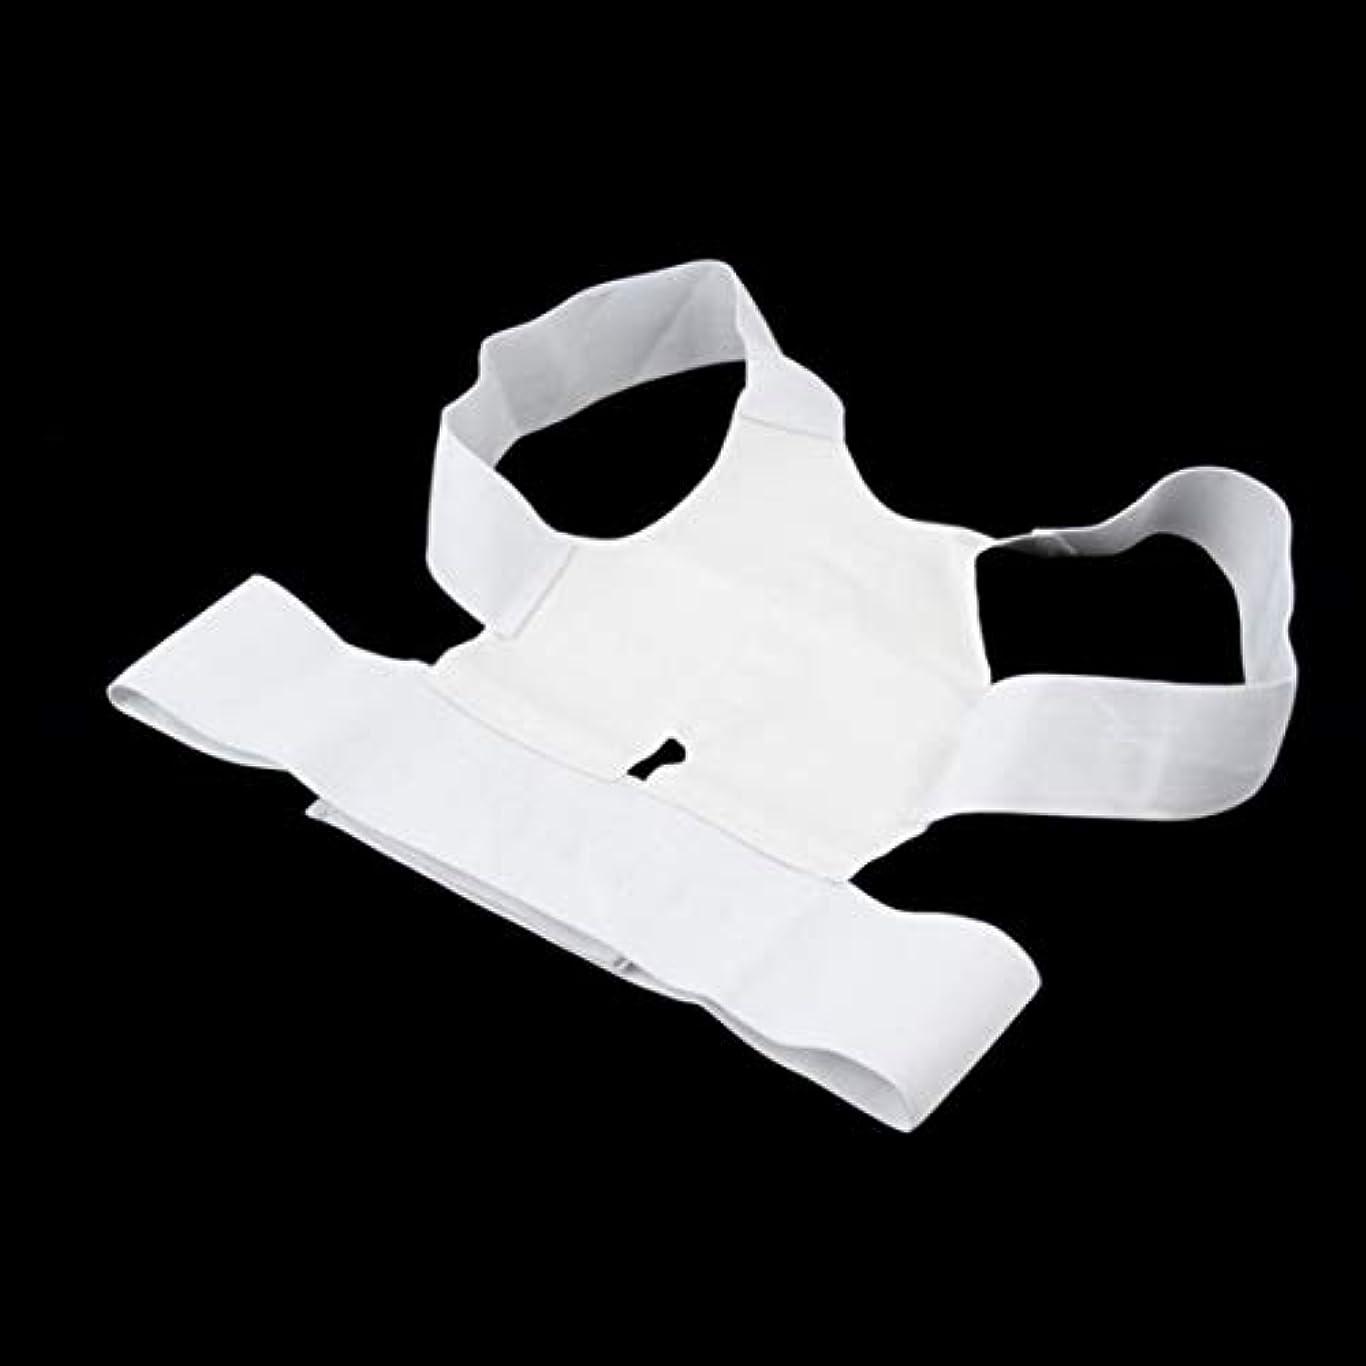 犯罪哲学的色合いKongqiabona腰椎矯正ベルト磁気姿勢サポート矯正装置バックベルトブレース肩リリース痛み